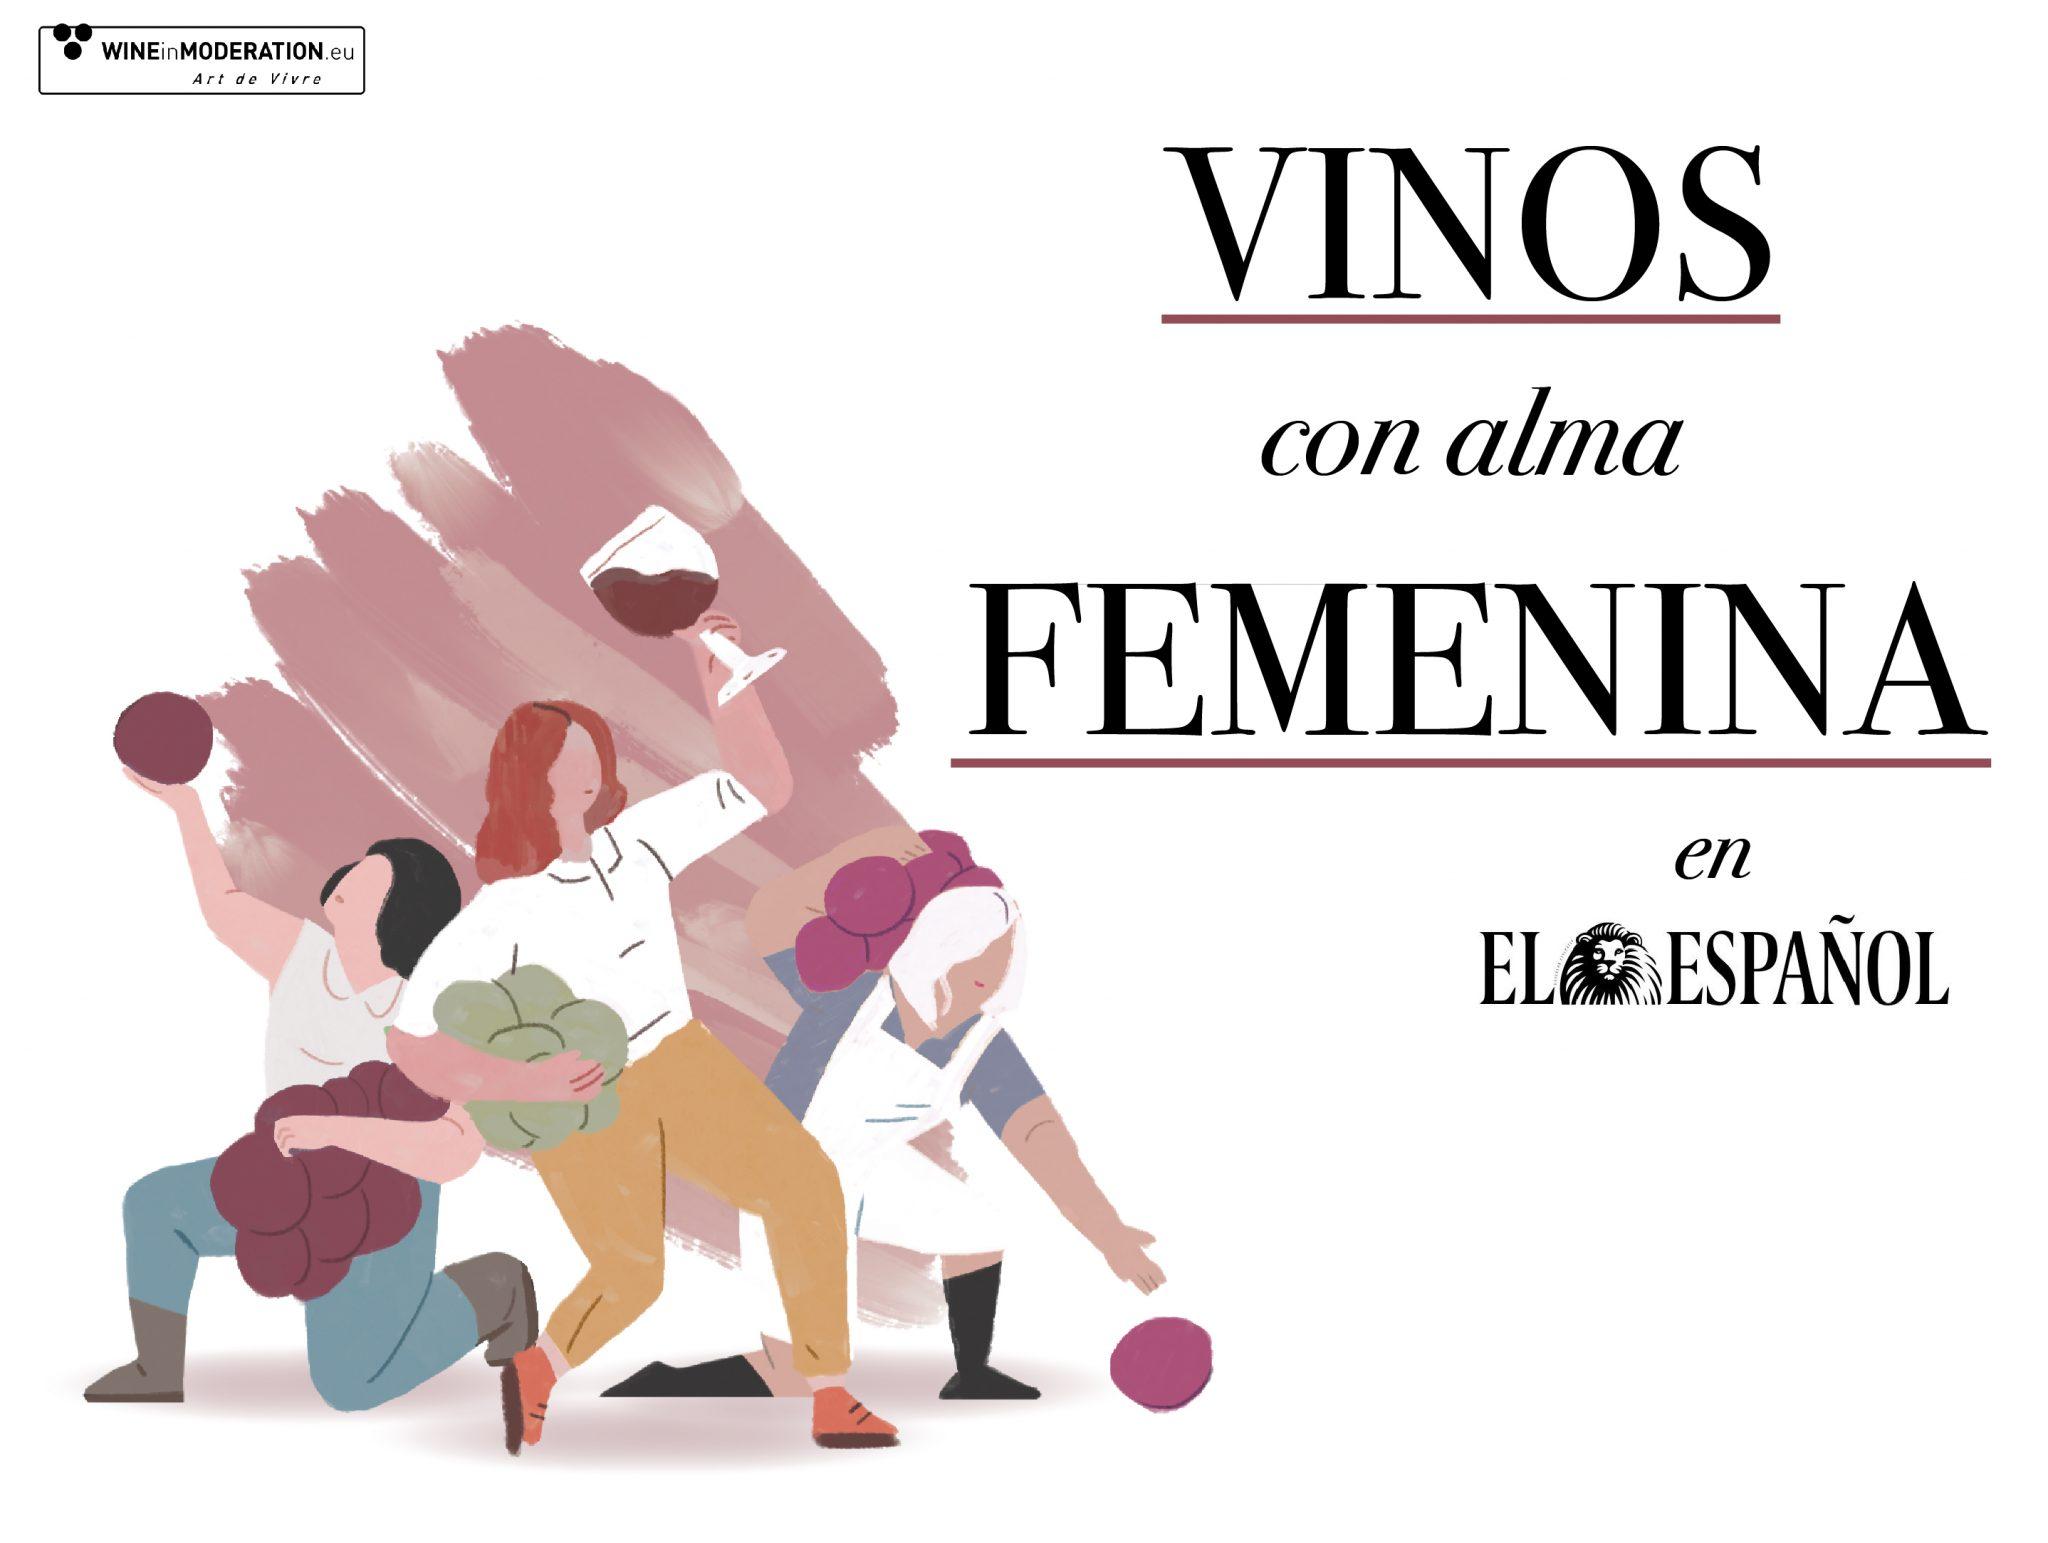 Con alma Femenina: día de la mujer